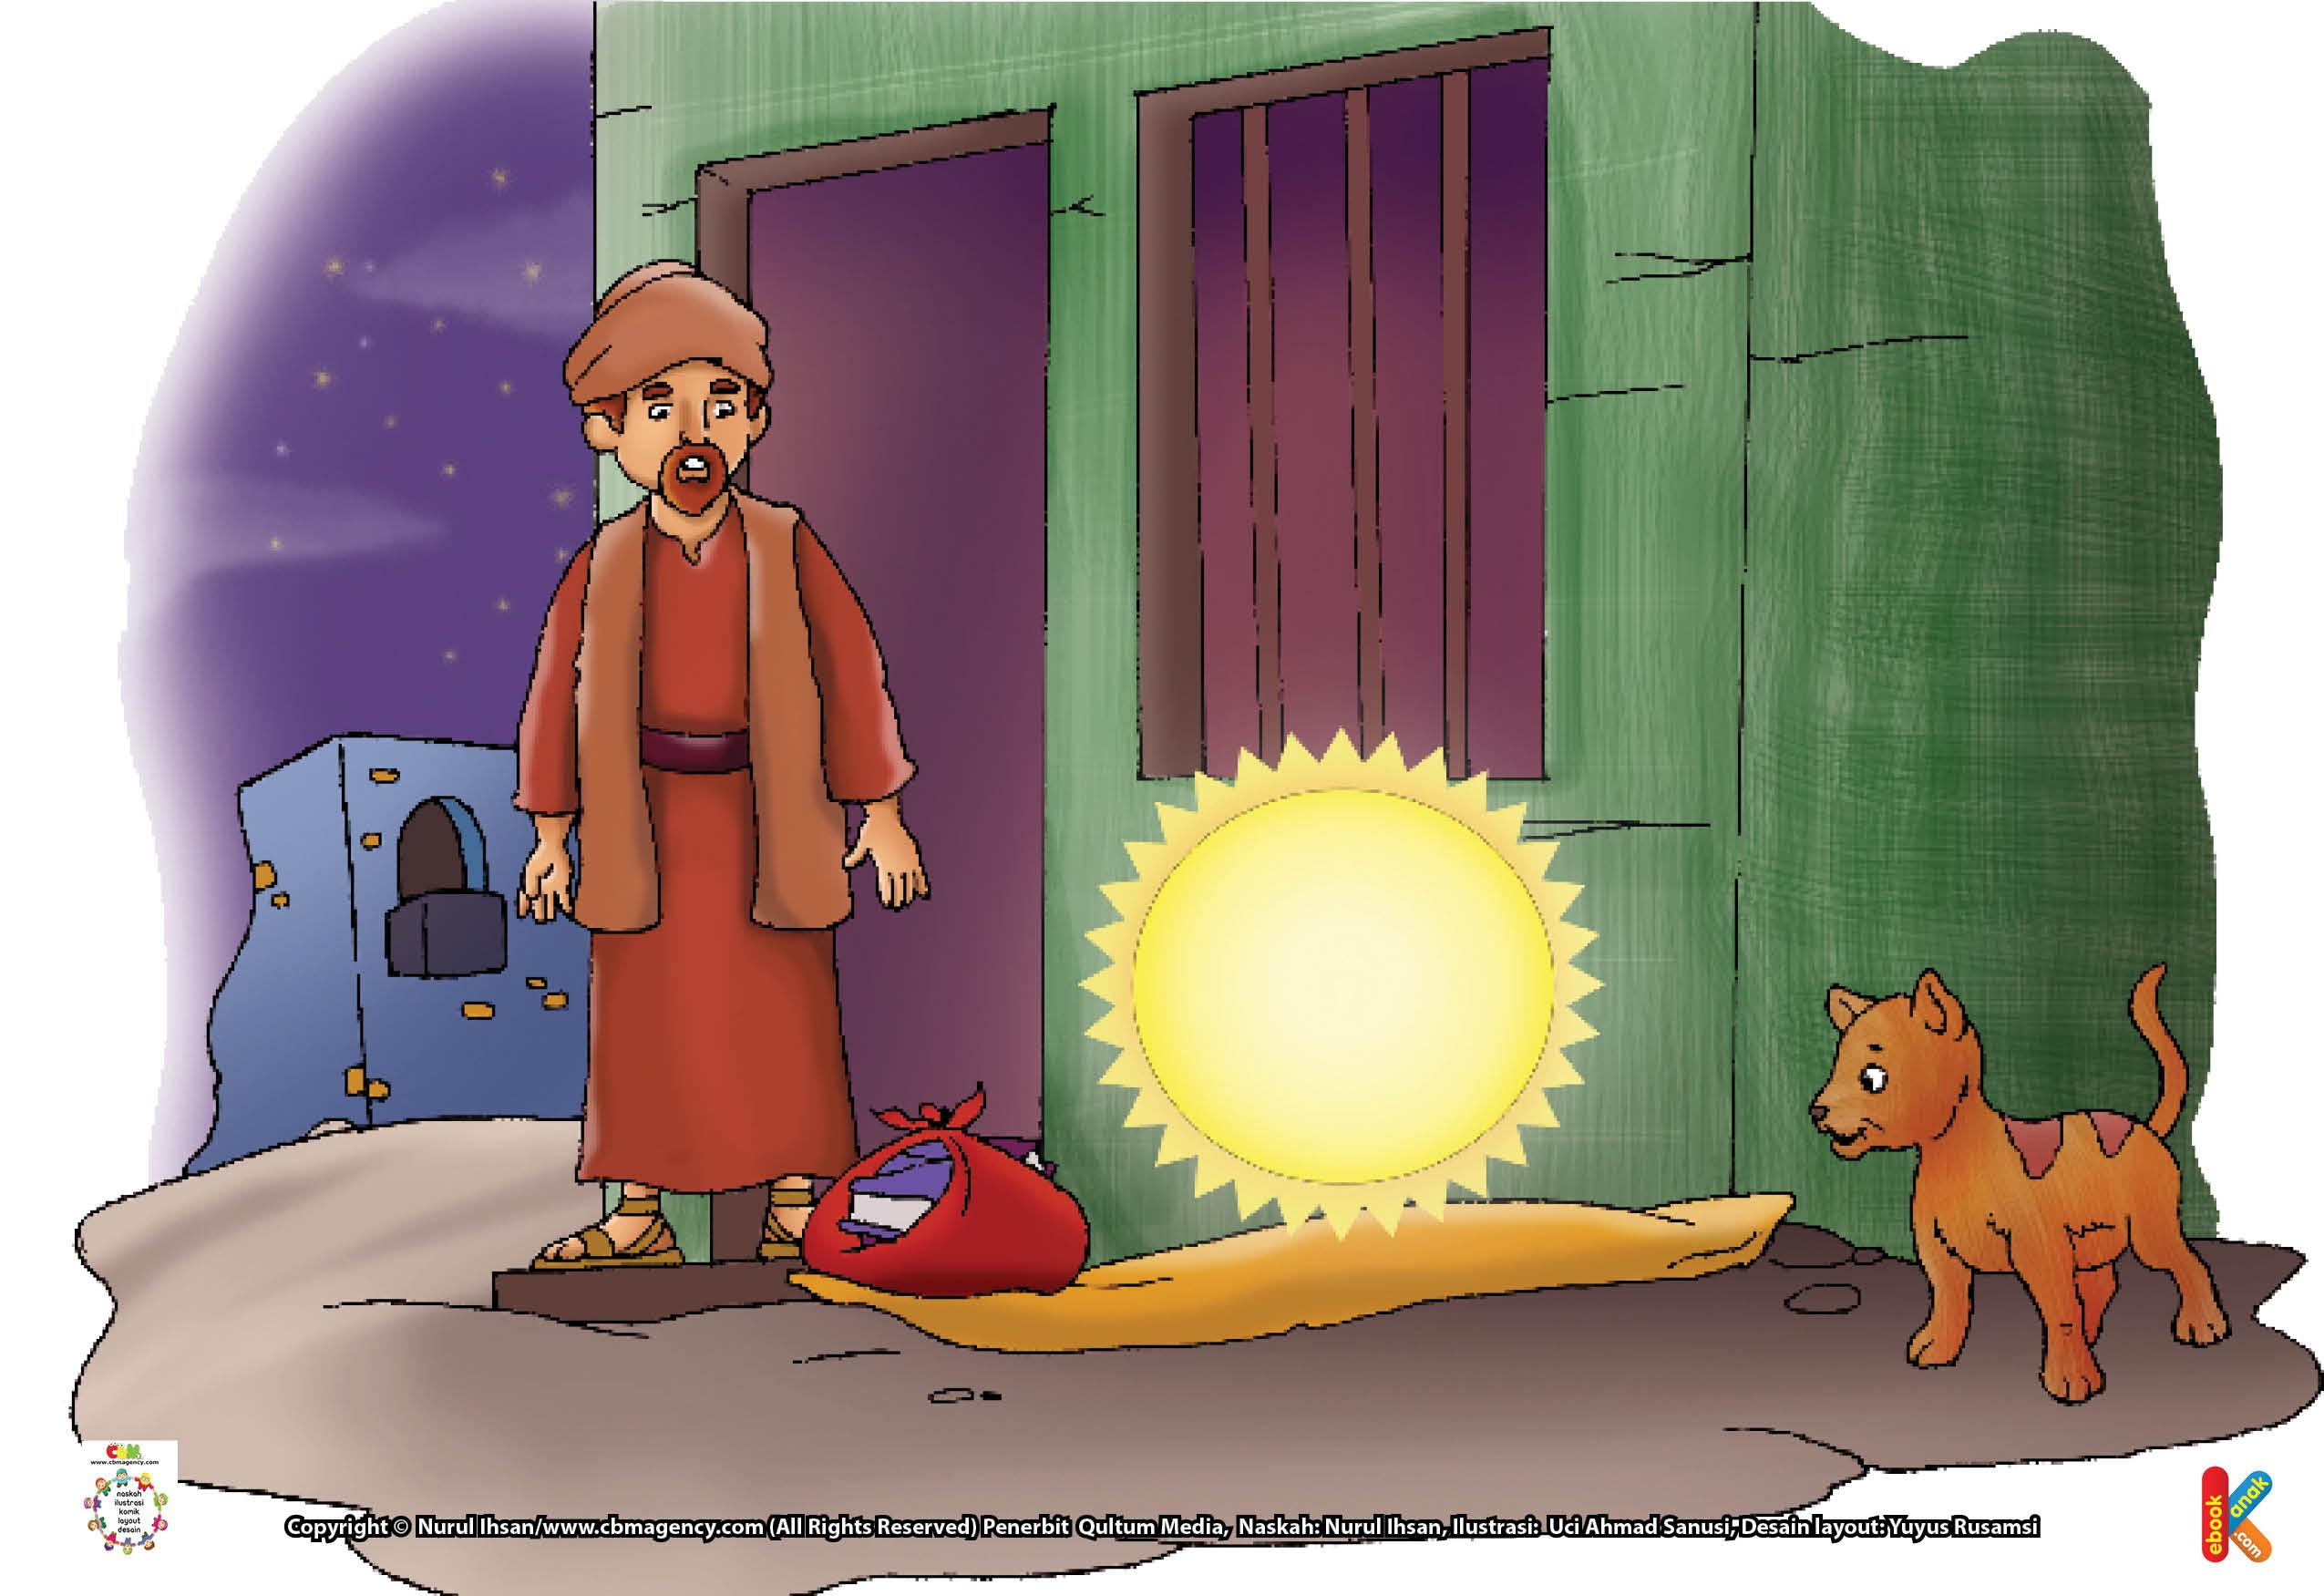 Di kemudian hari, keturunan Ibnu Abbas berhasil mendirikan pemerintahan Khalifah Bani Abbasiyah yang membawa Islam dalam masa-masa kejayaannya.